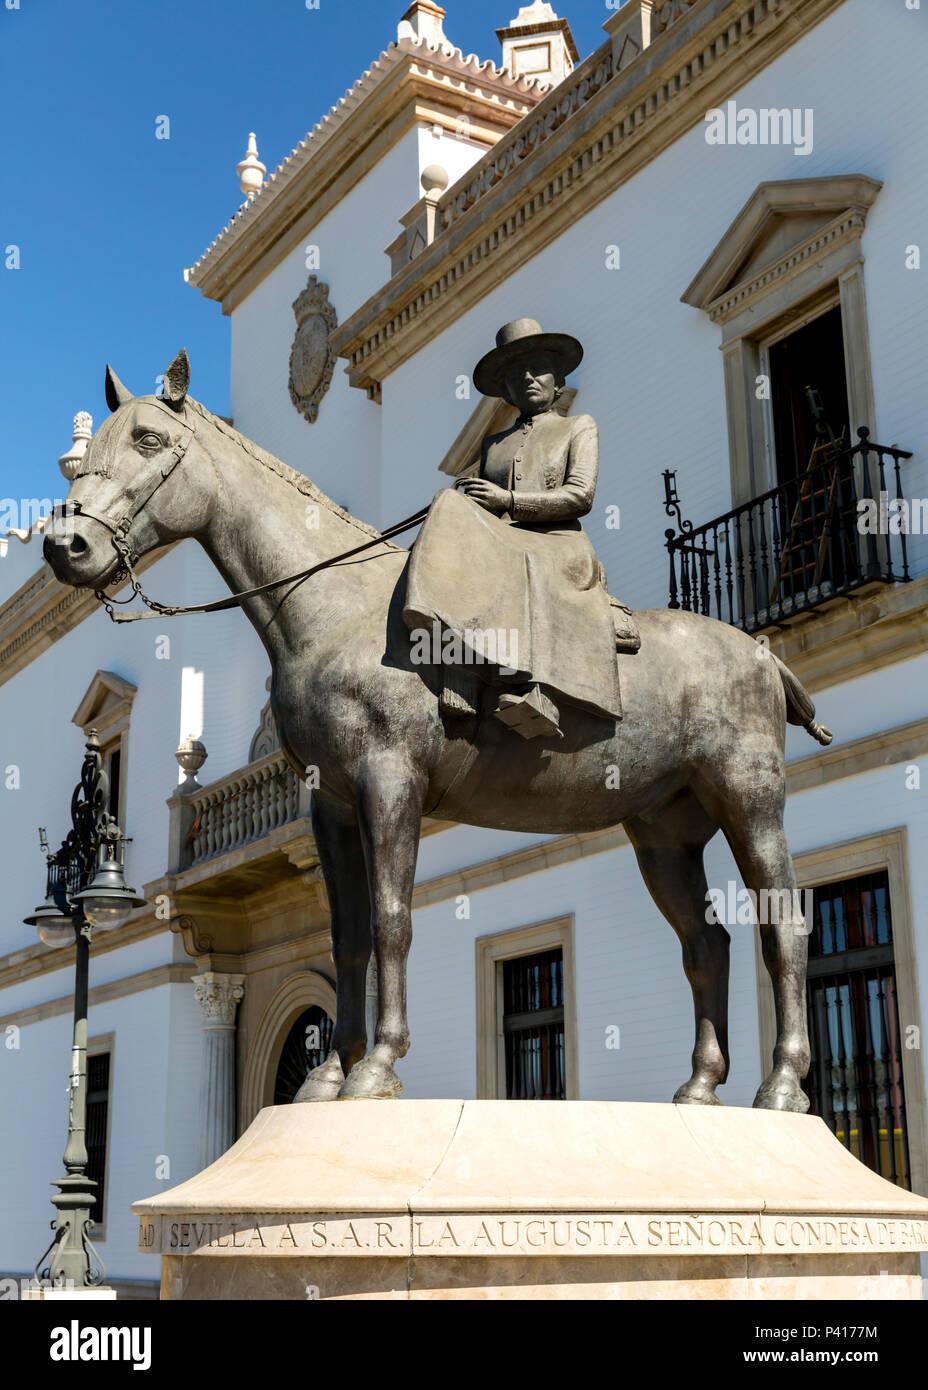 Memorial to Dona Maria de las Mercedes de Borbon (Condesa de Barcelona) outside the Bullring, Plaza de Toros, Seville, Andalusia, Spain. Stock Photo